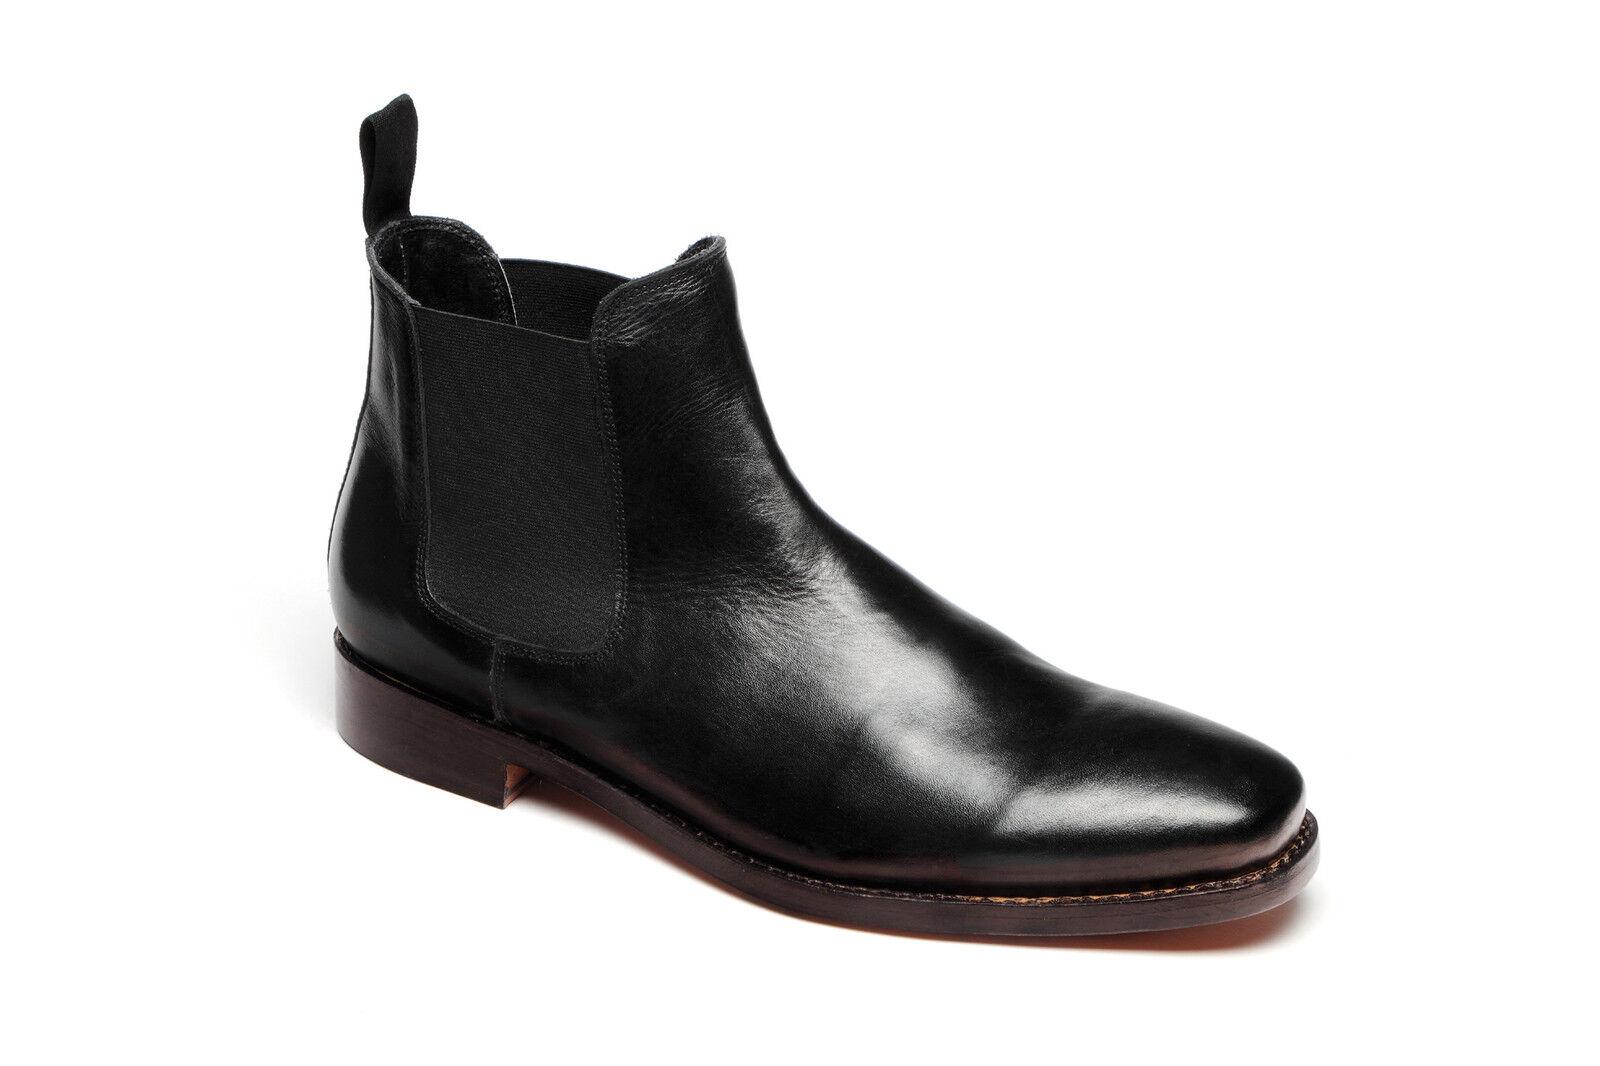 Moda barata y hermosa Zapatos Seguridad Para Hombres Puntera De Acero Botas De Trabajo-L7295 Dama ligero Slip On..